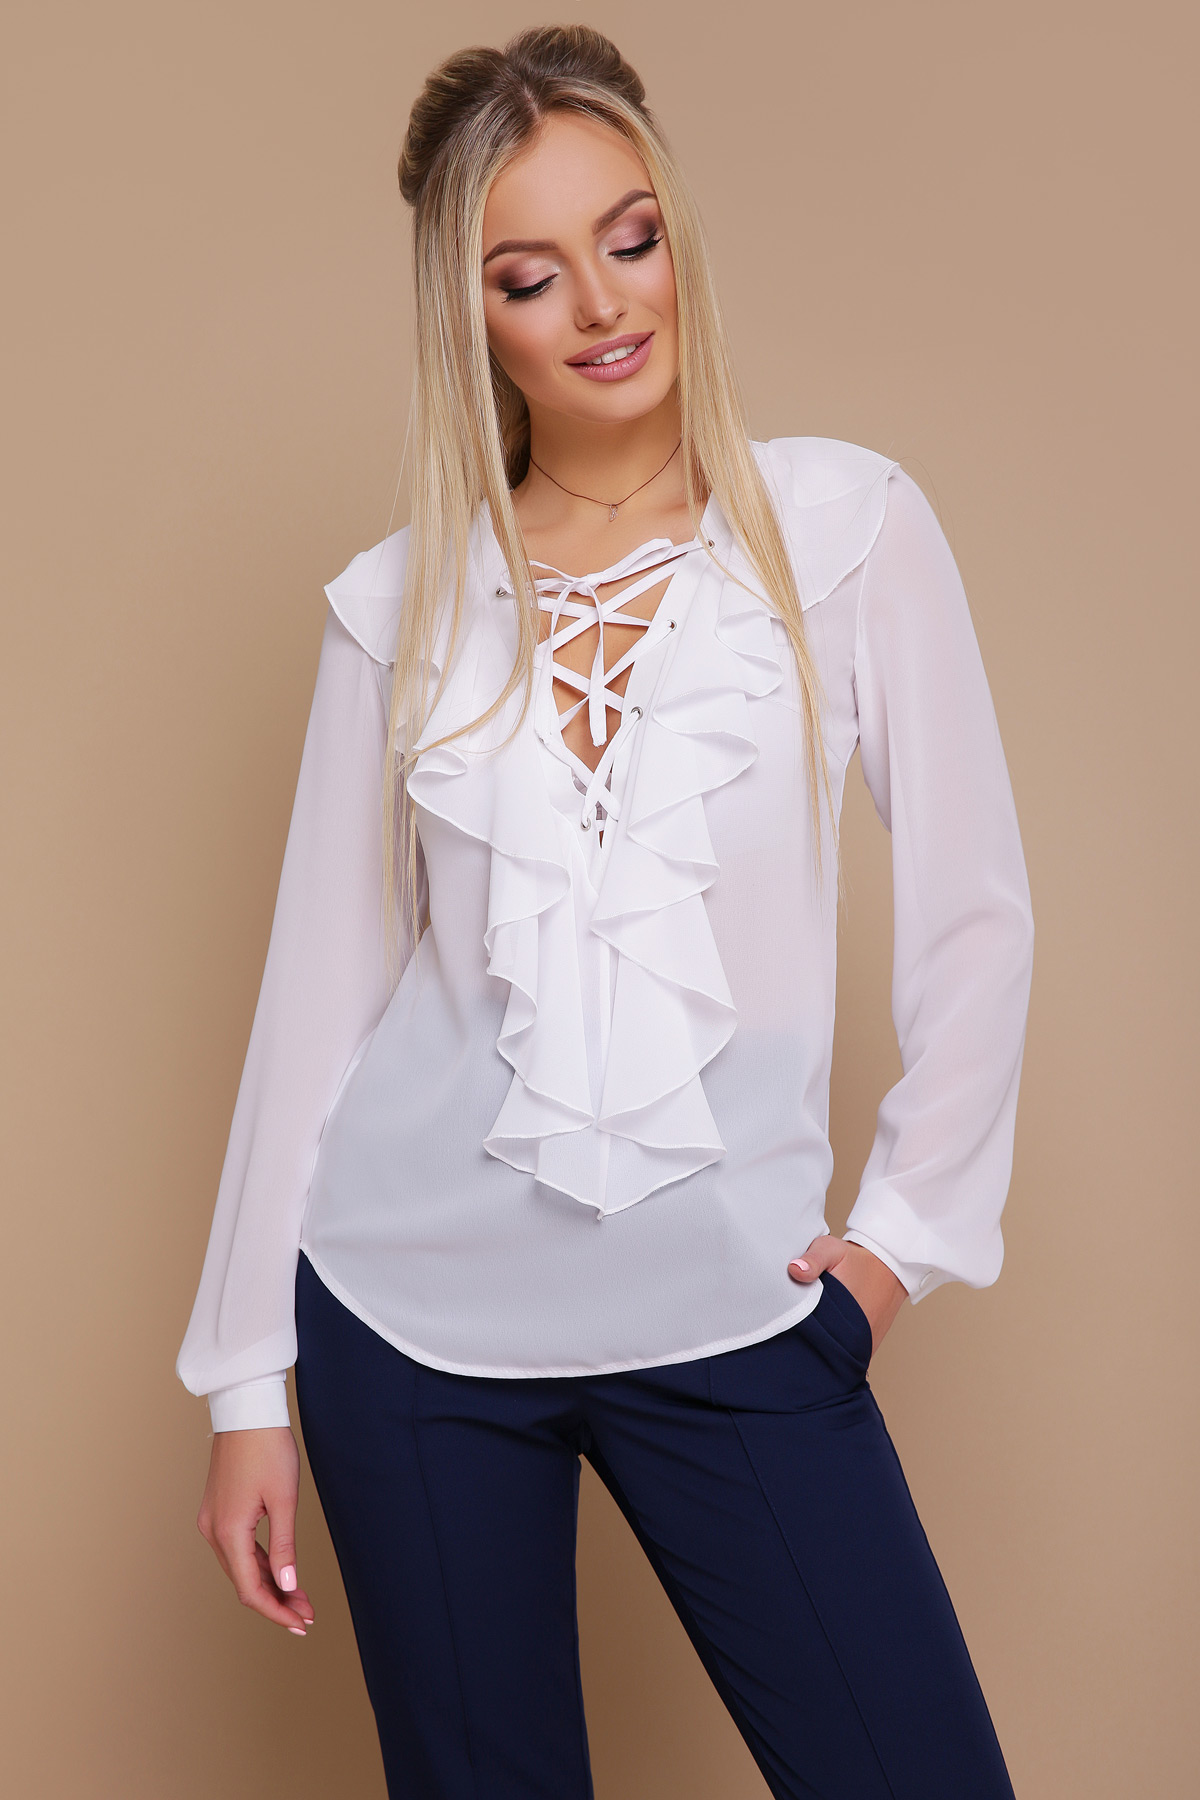 082bcce3ffc шифоновая блузка с воланами. блуза Сиена д р. Цвет  белый